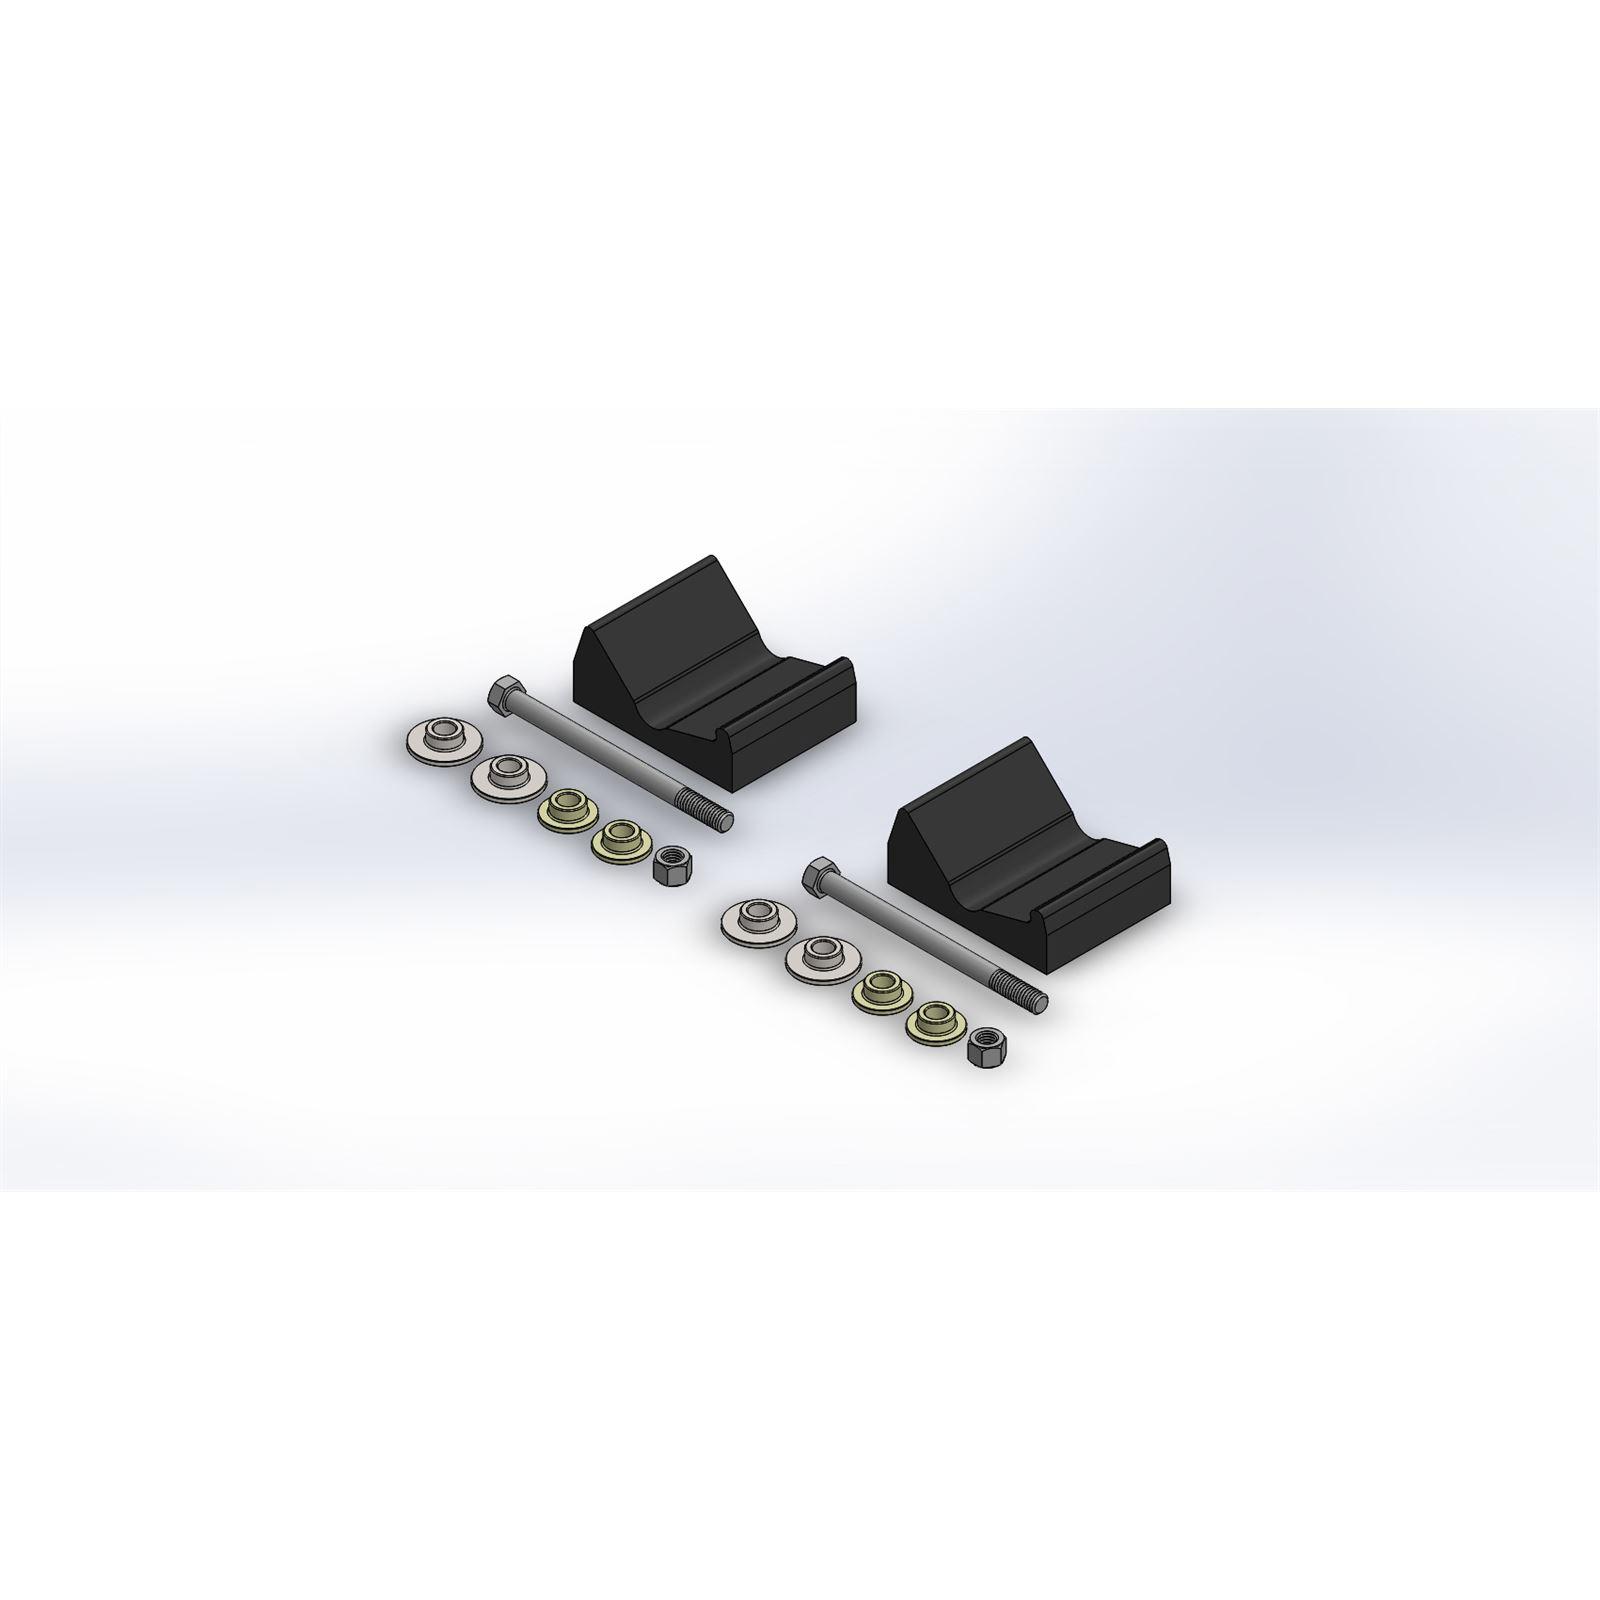 Slydog Powderhound Ski Hardware Kit